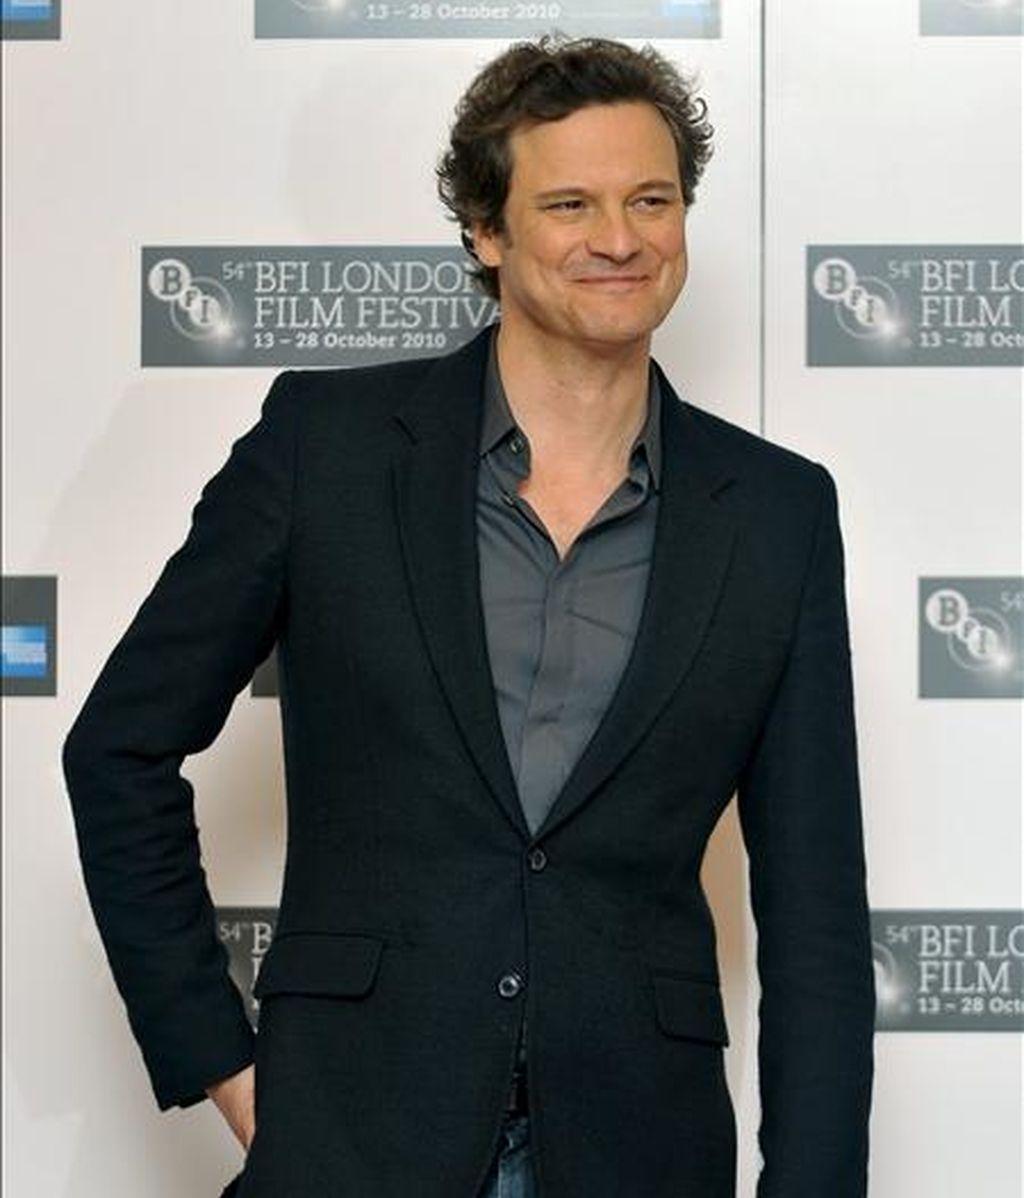 El actor Colin Firth. EFE/Archivo